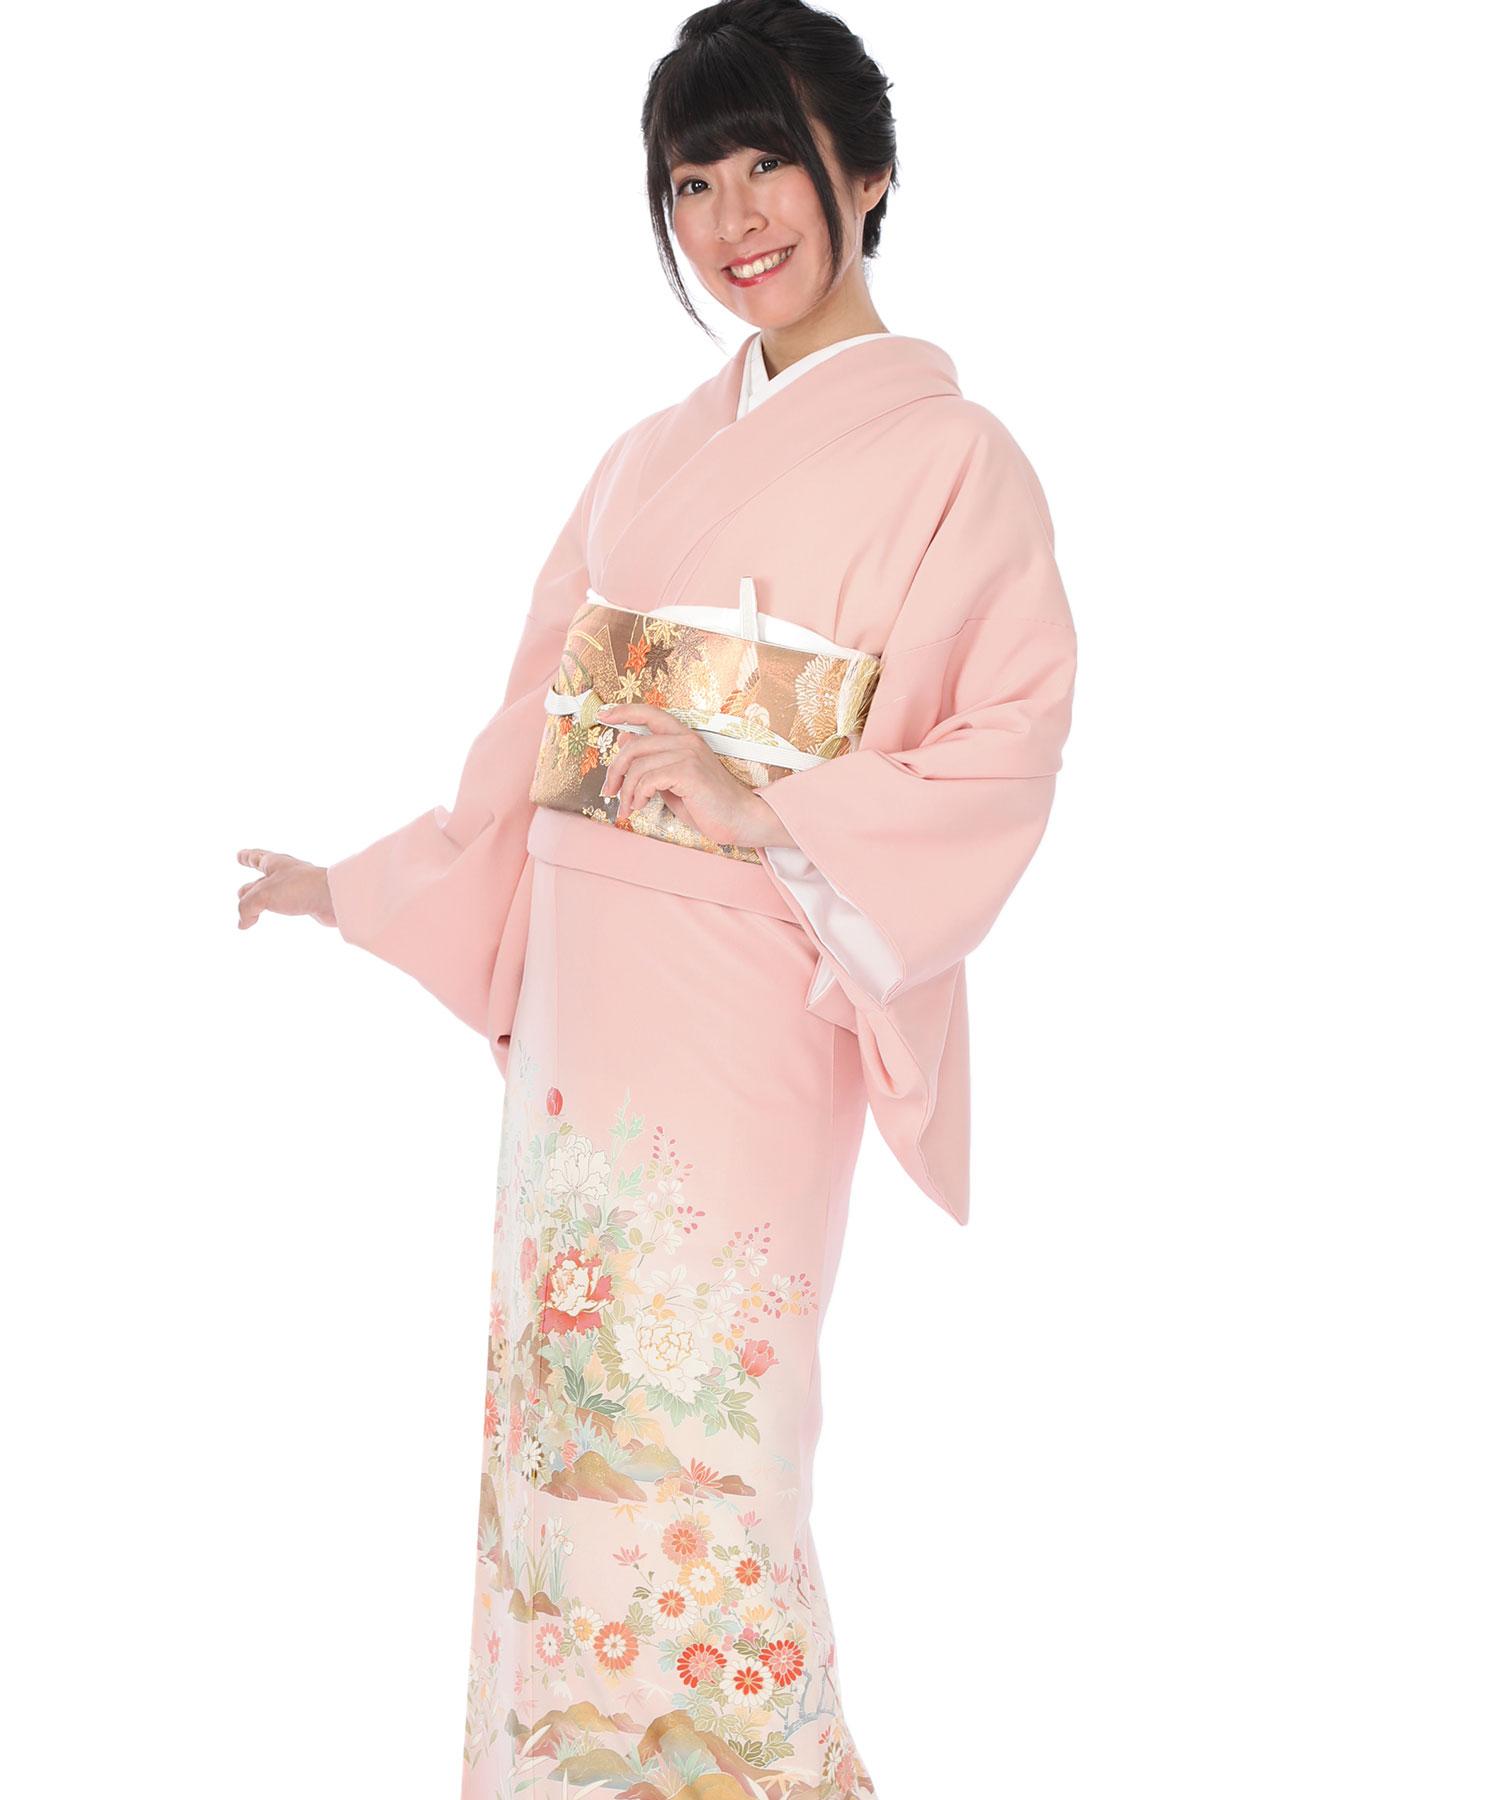 色留袖レンタル ピンク色に四季草花